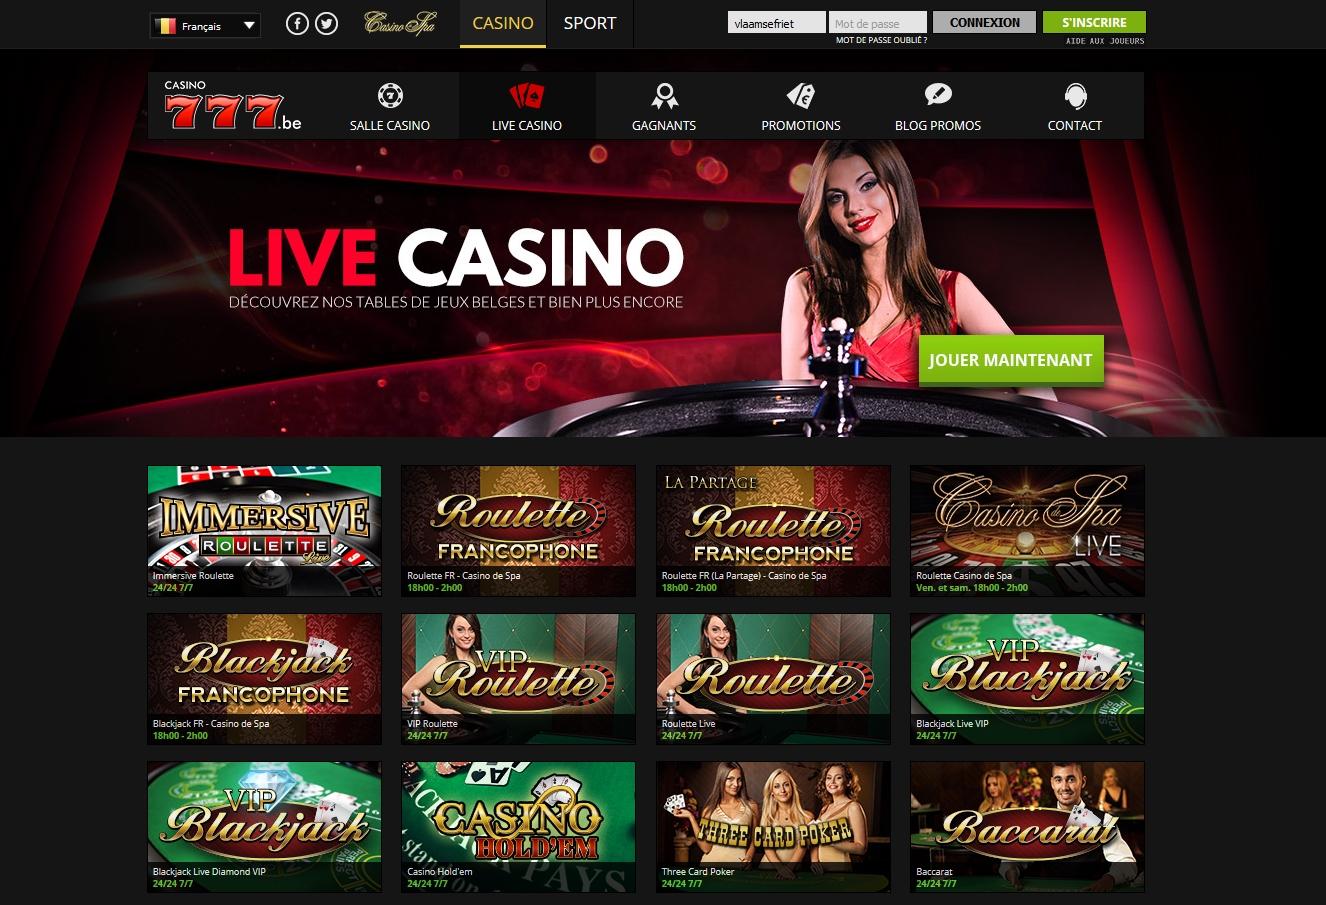 Bogota online casino cheboksary casino ekaterina rusakova